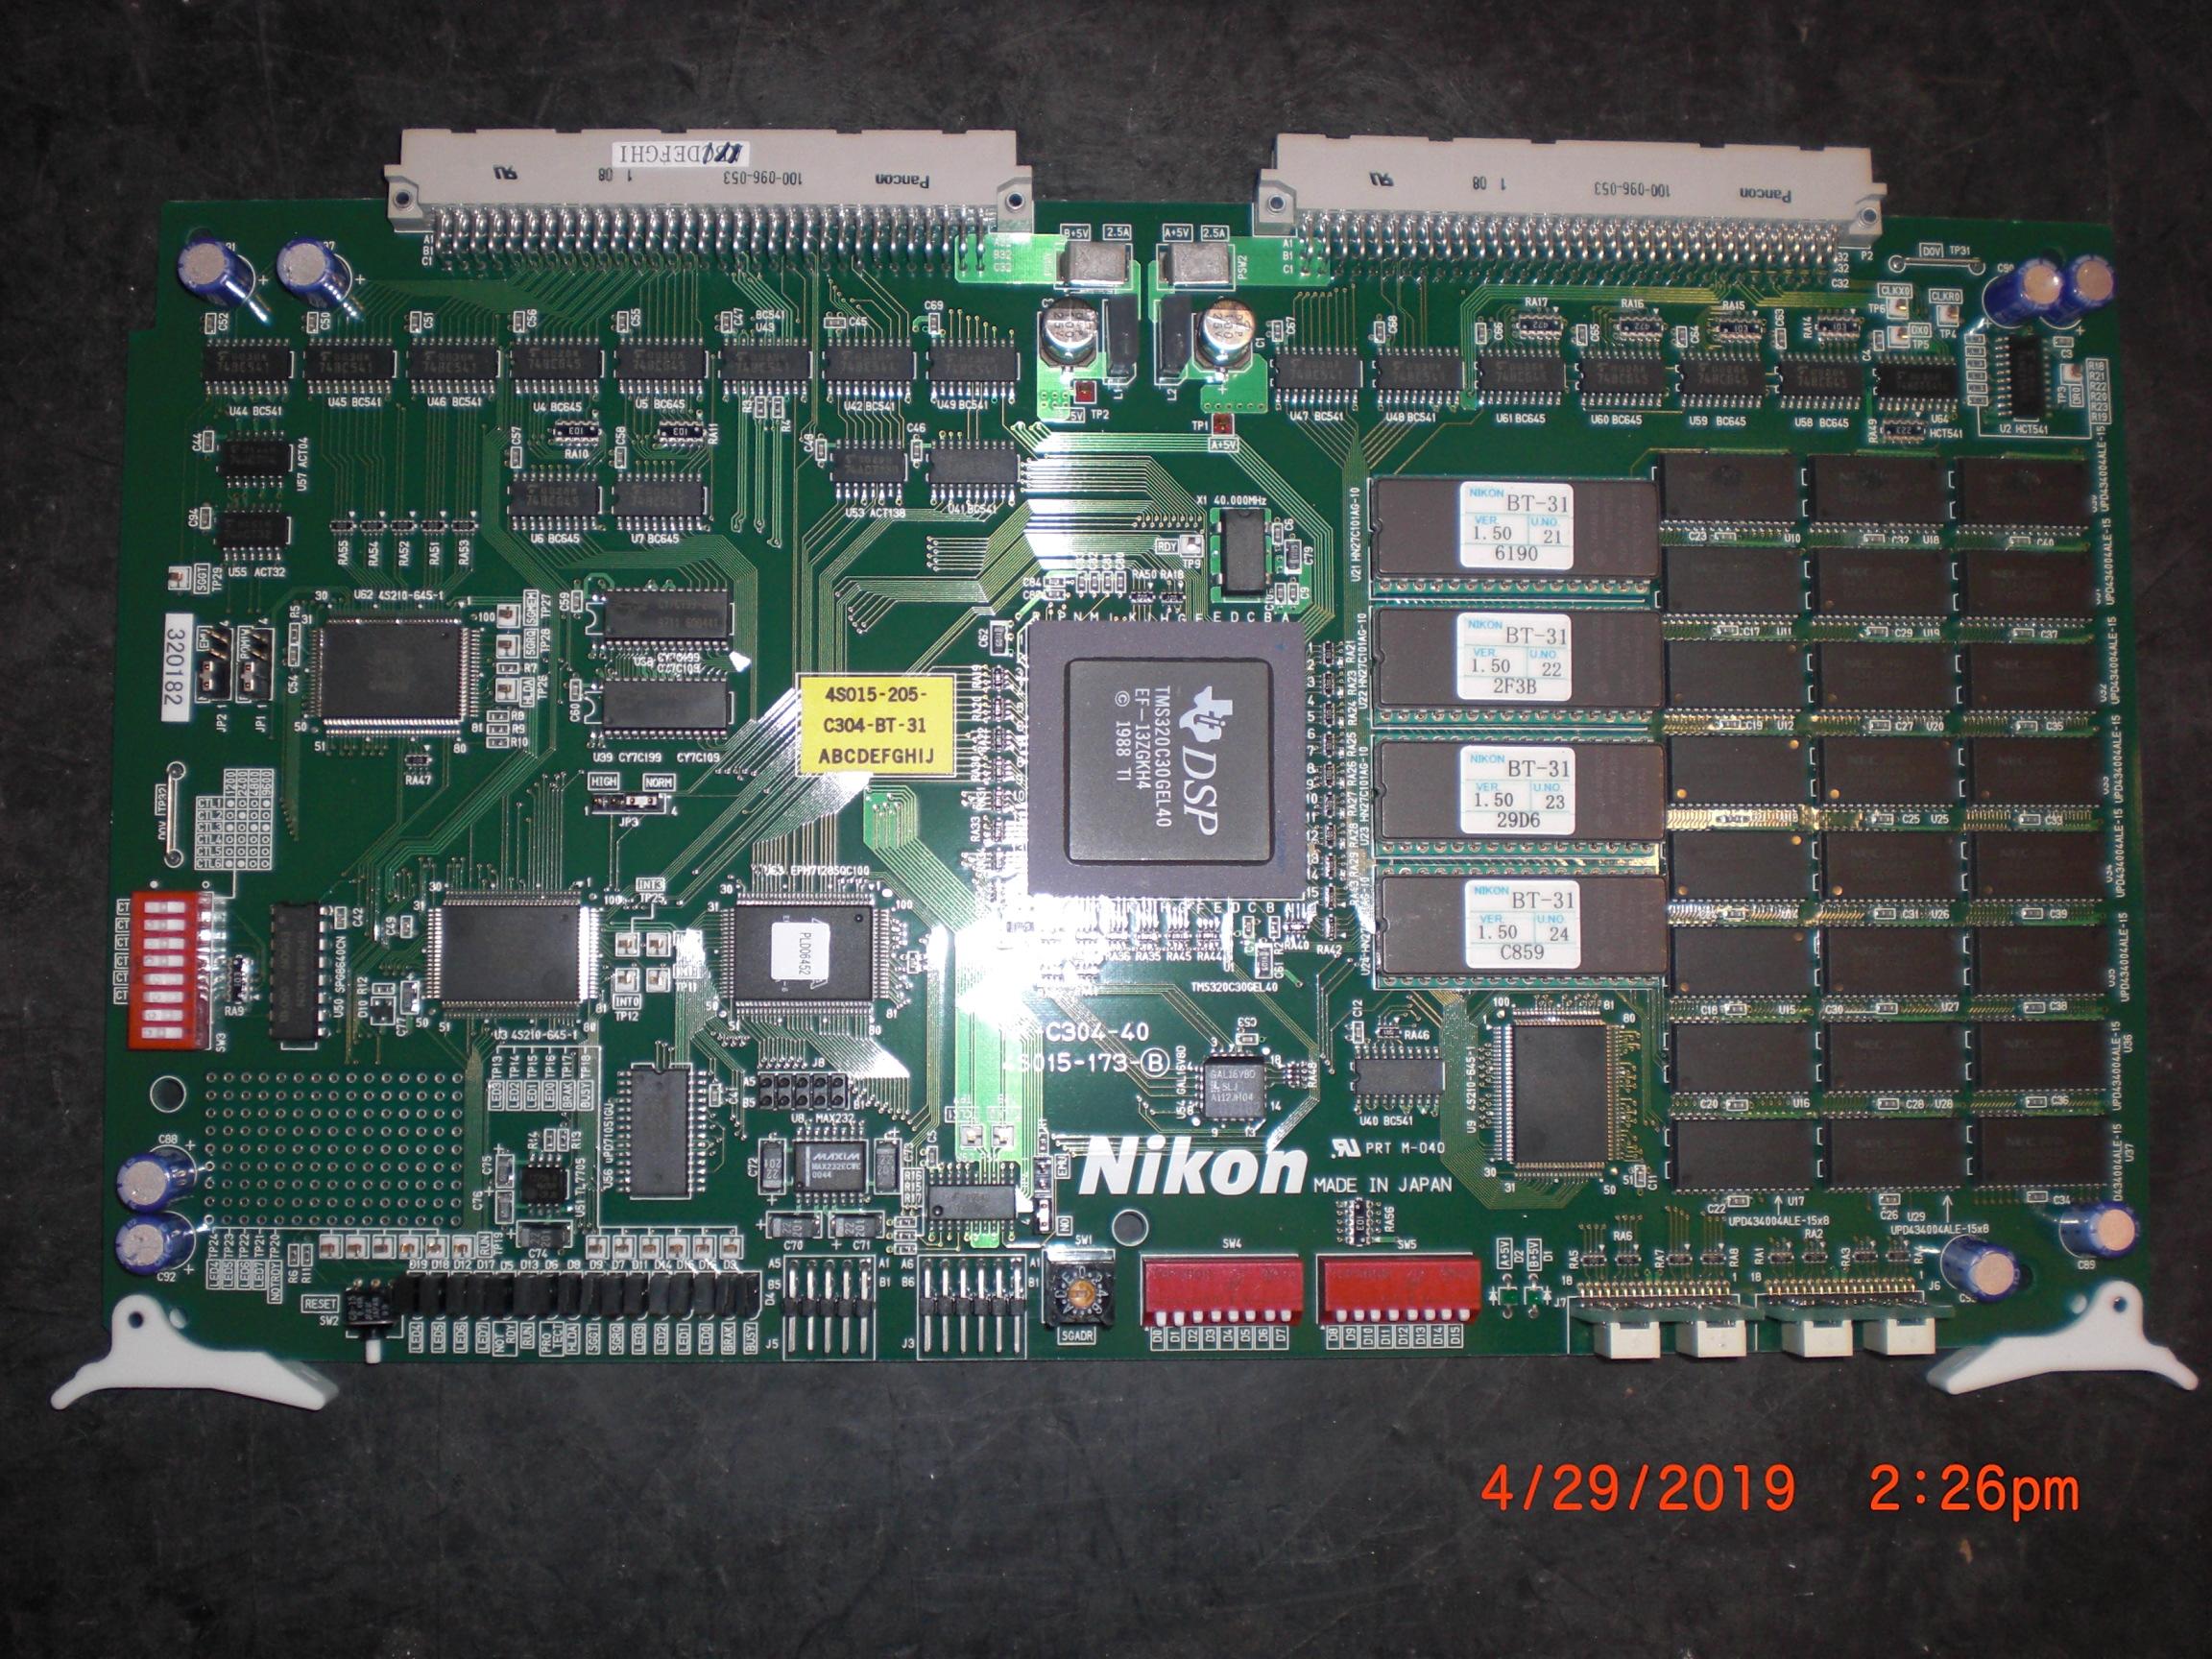 PCB NIKON 4S015-173 NK-C304-40 Processor Control